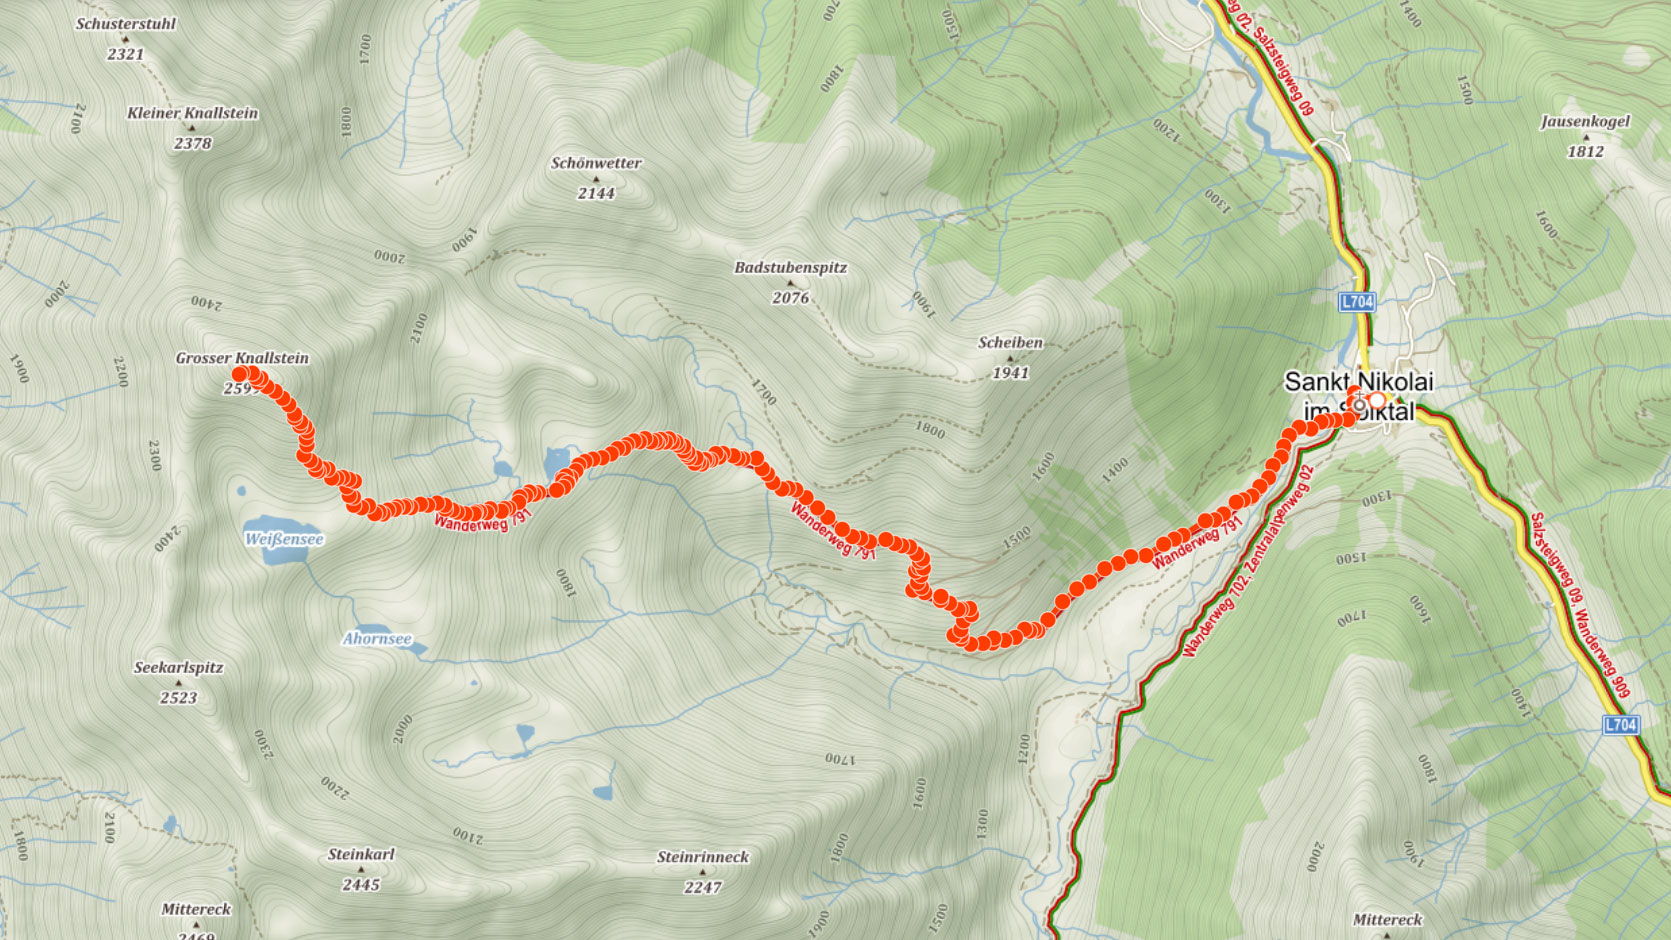 Trasa na Grosser Knallstein v Rakousku